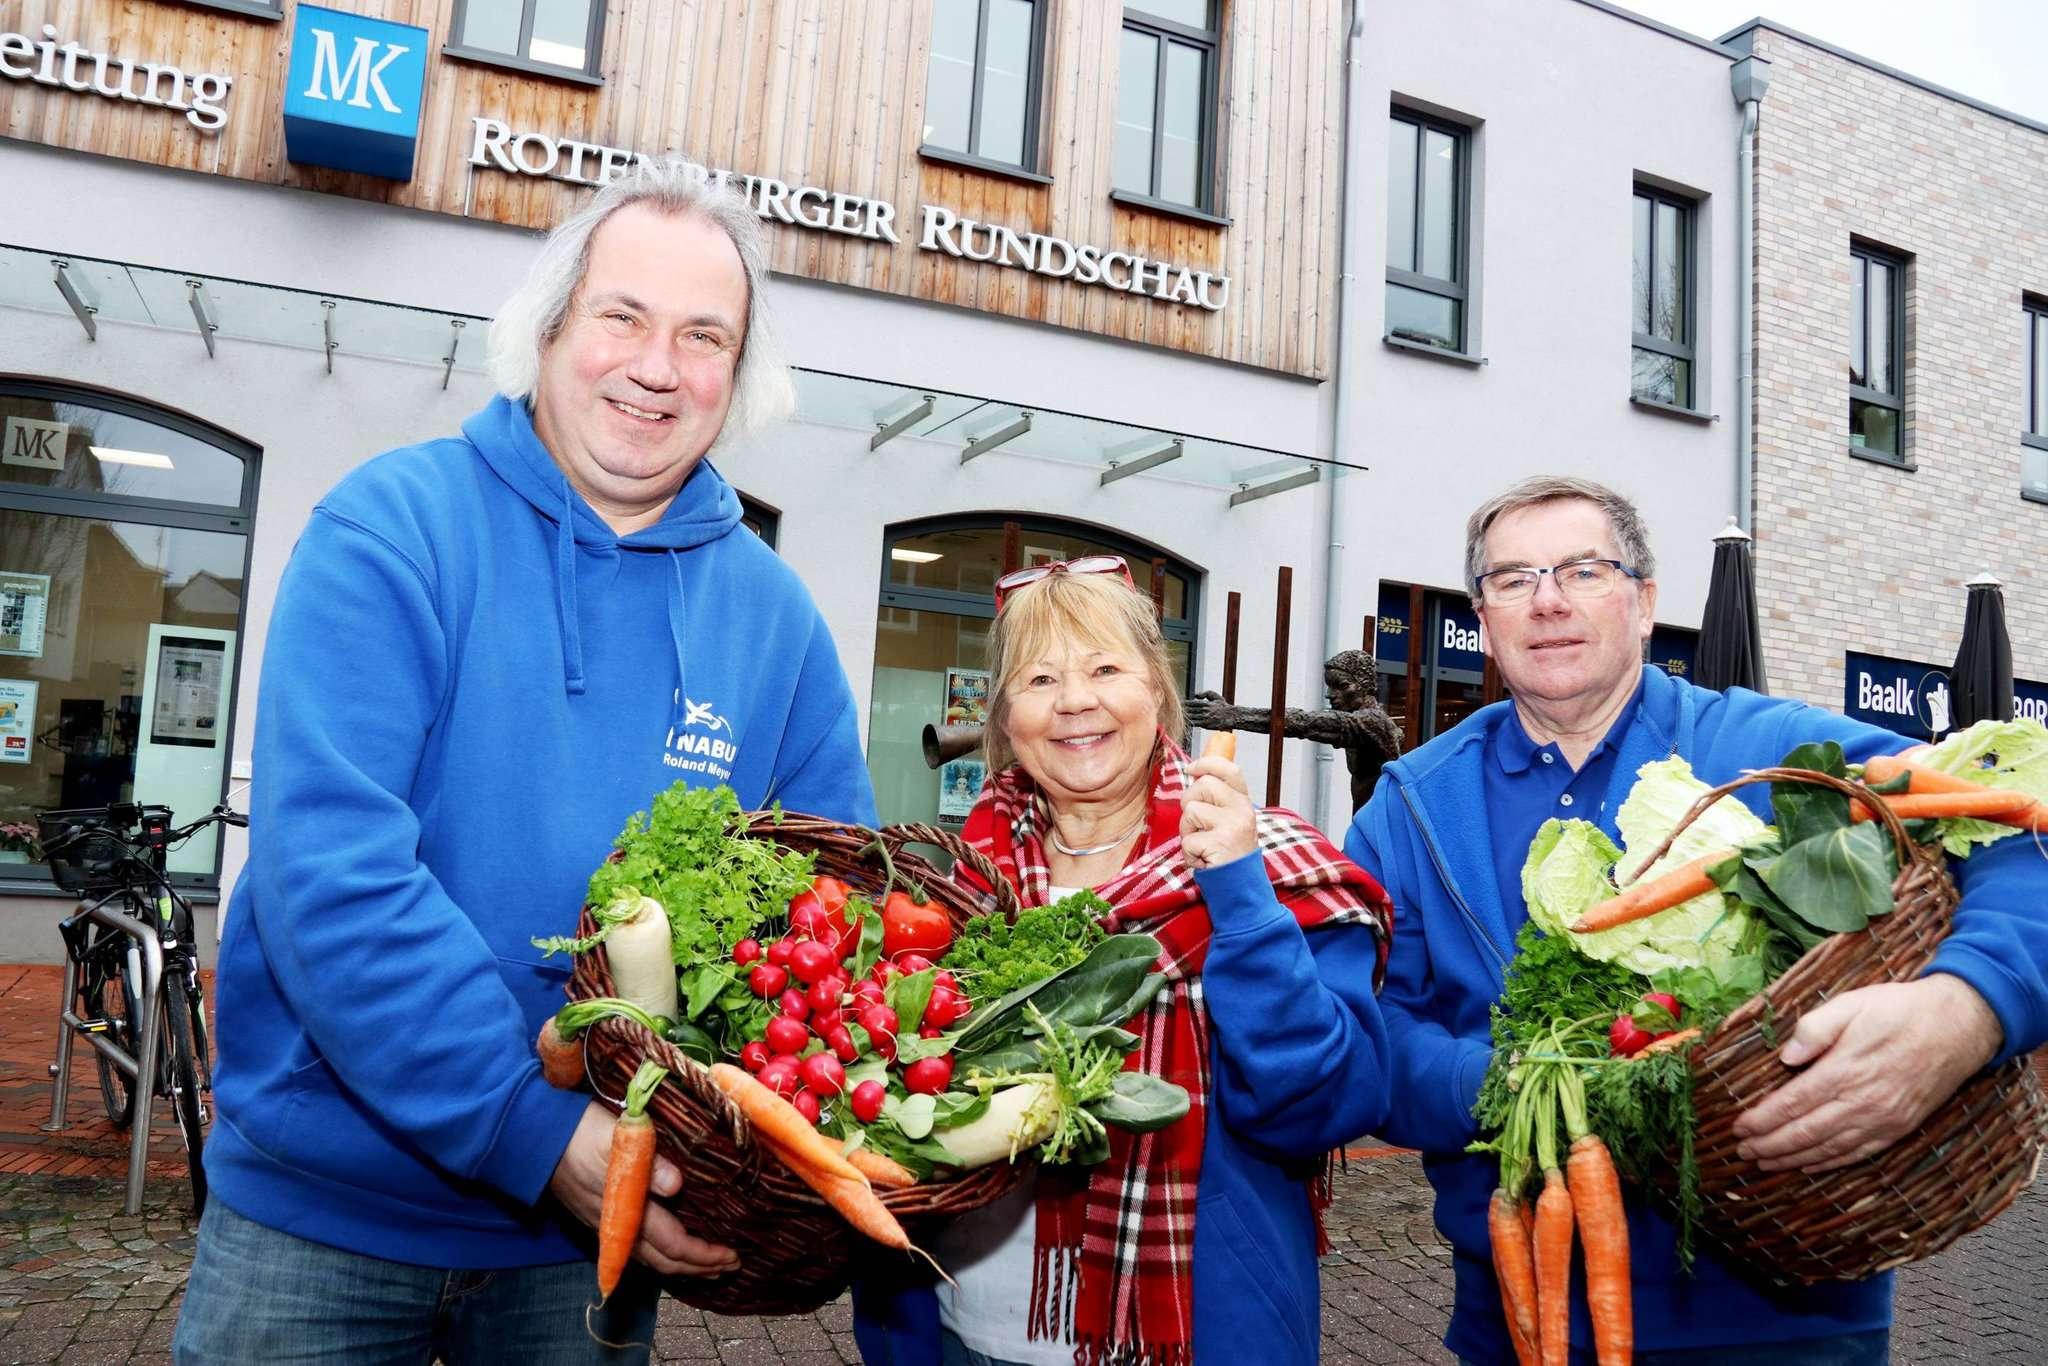 Roland Meyer (von links), Wilma von Frieling und Wilfried Glauch wollen Kinder für Gartenarbeit und gesunde Ernährung begeistern. Foto: Nina Baucke